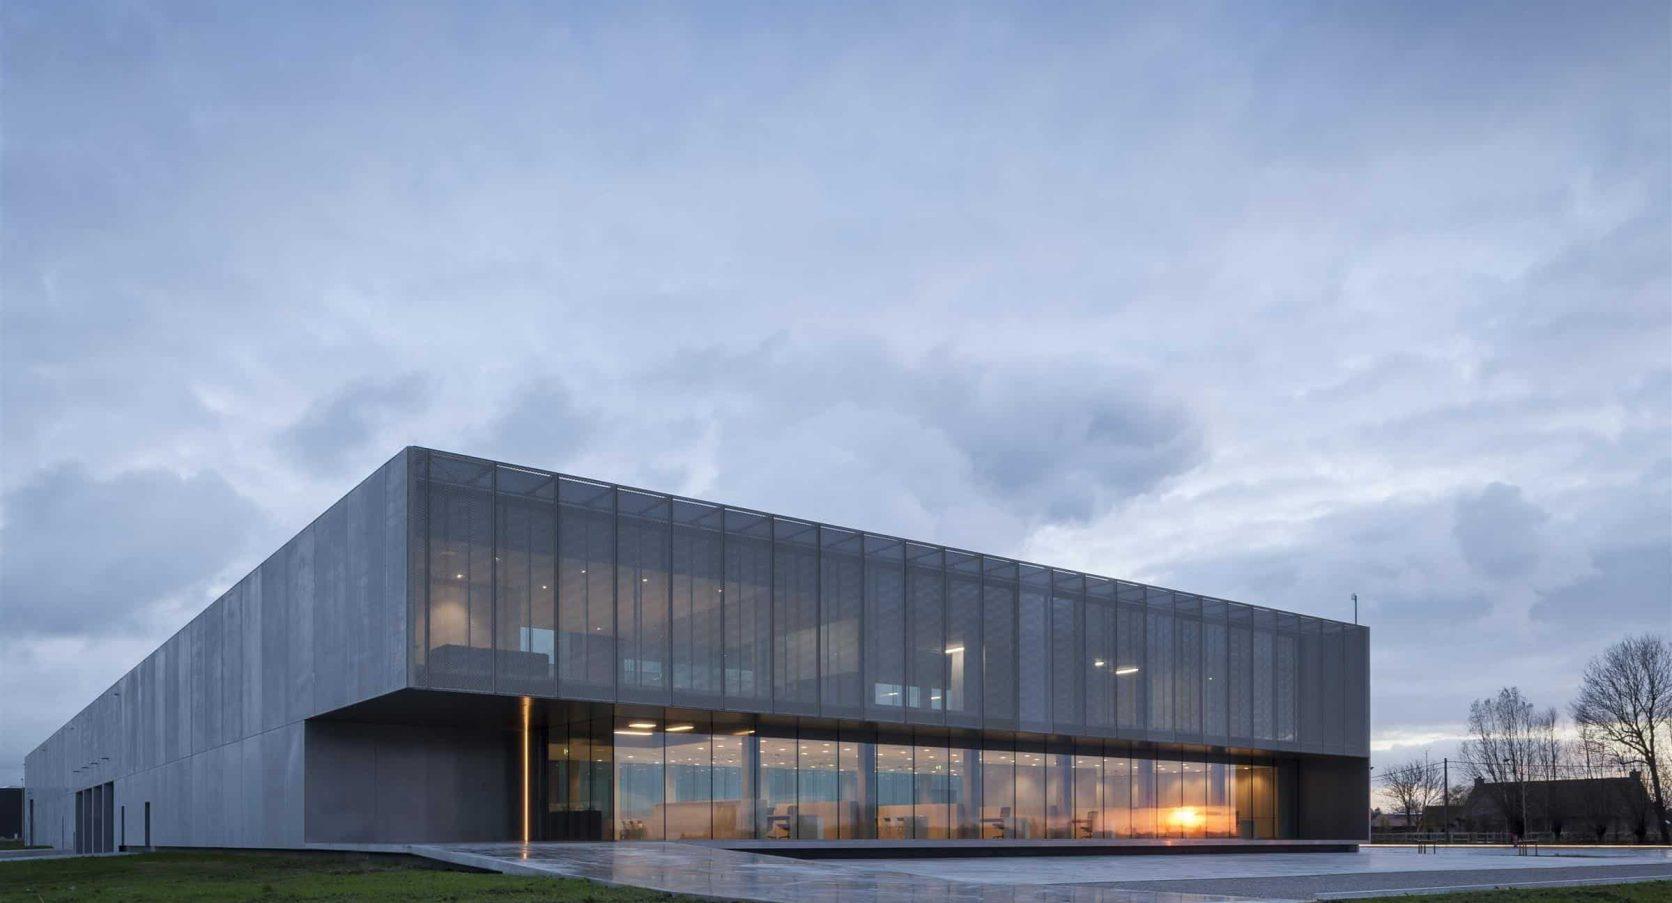 De voorkant van het gebouw ROB te Ardooie in België uitgerust met MD Strekmetaal gevelbekleding